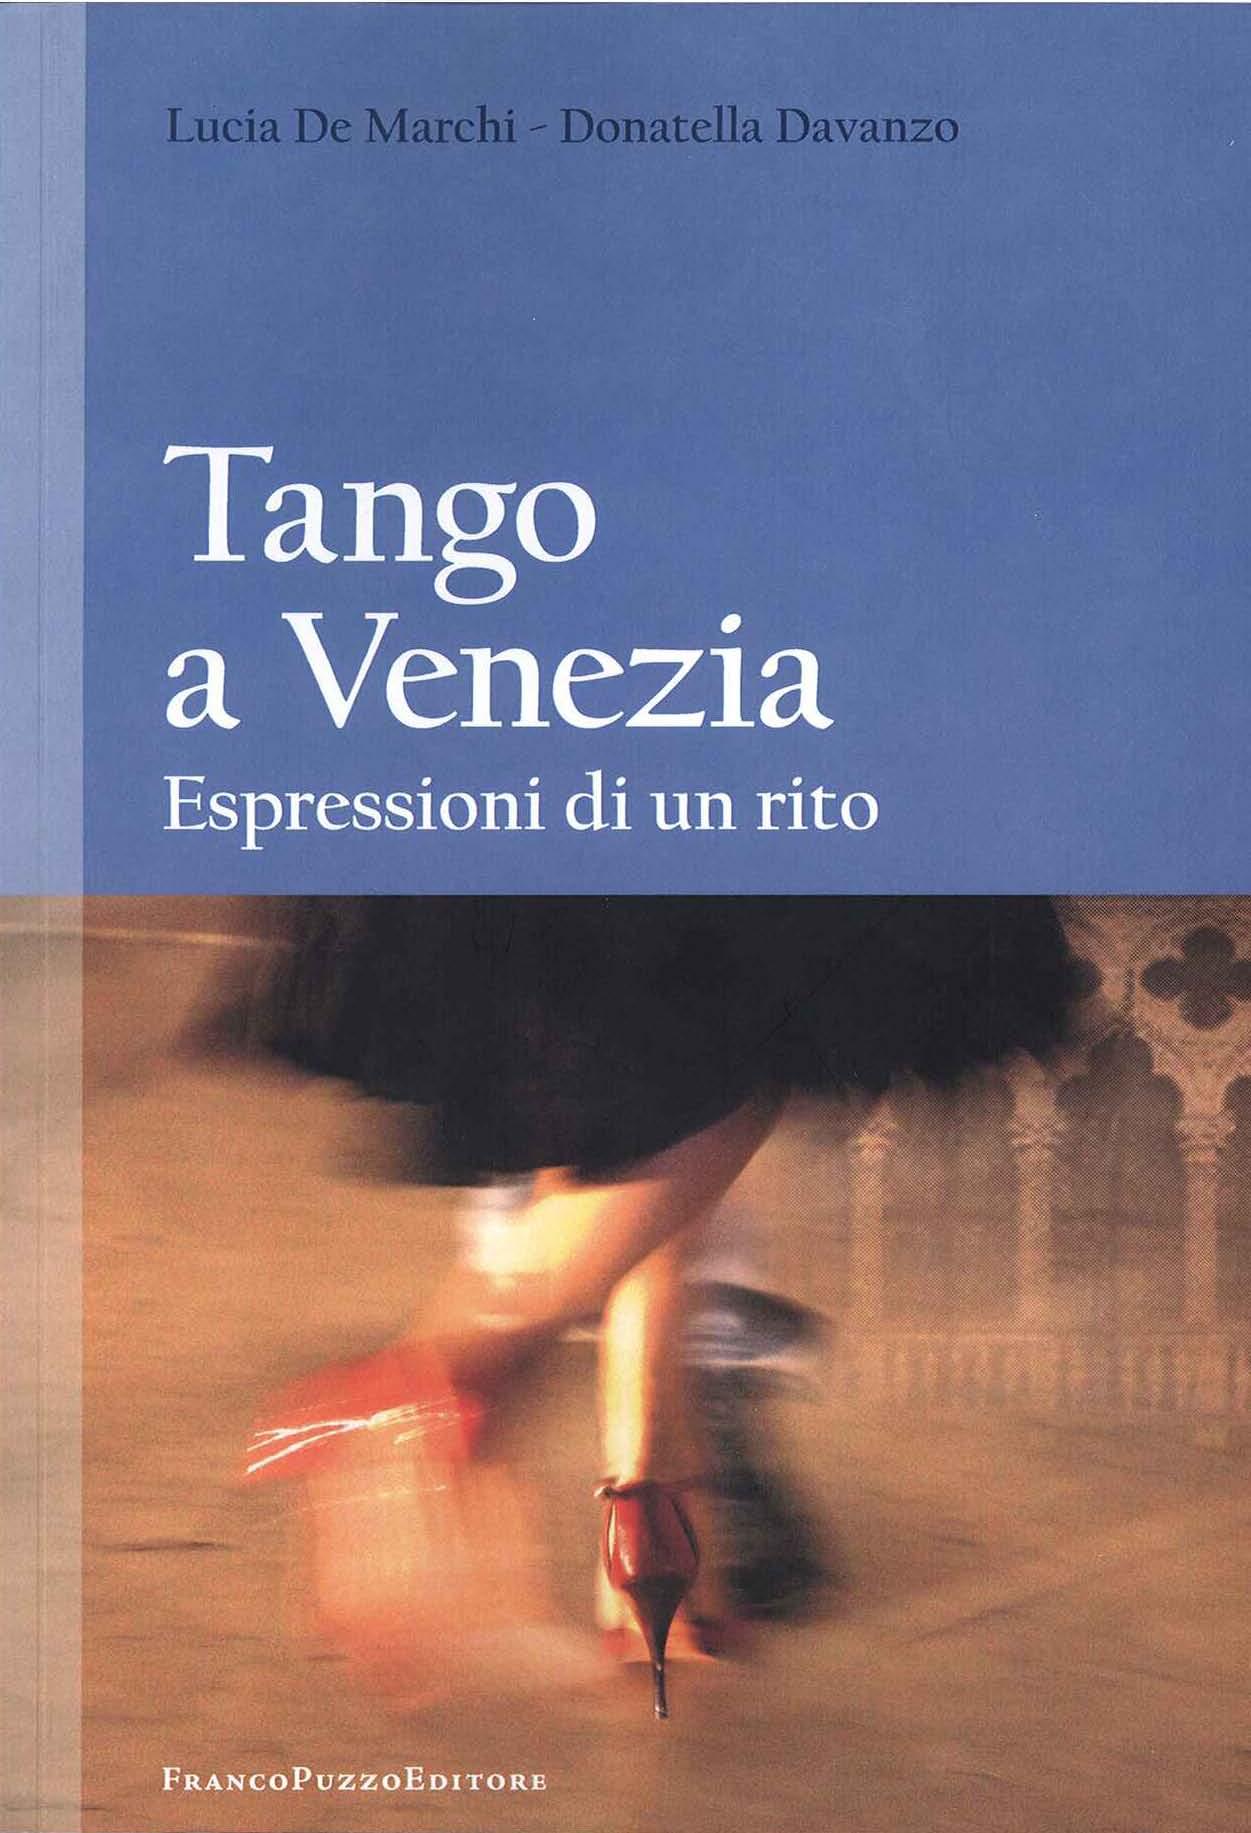 Tango a Venezia